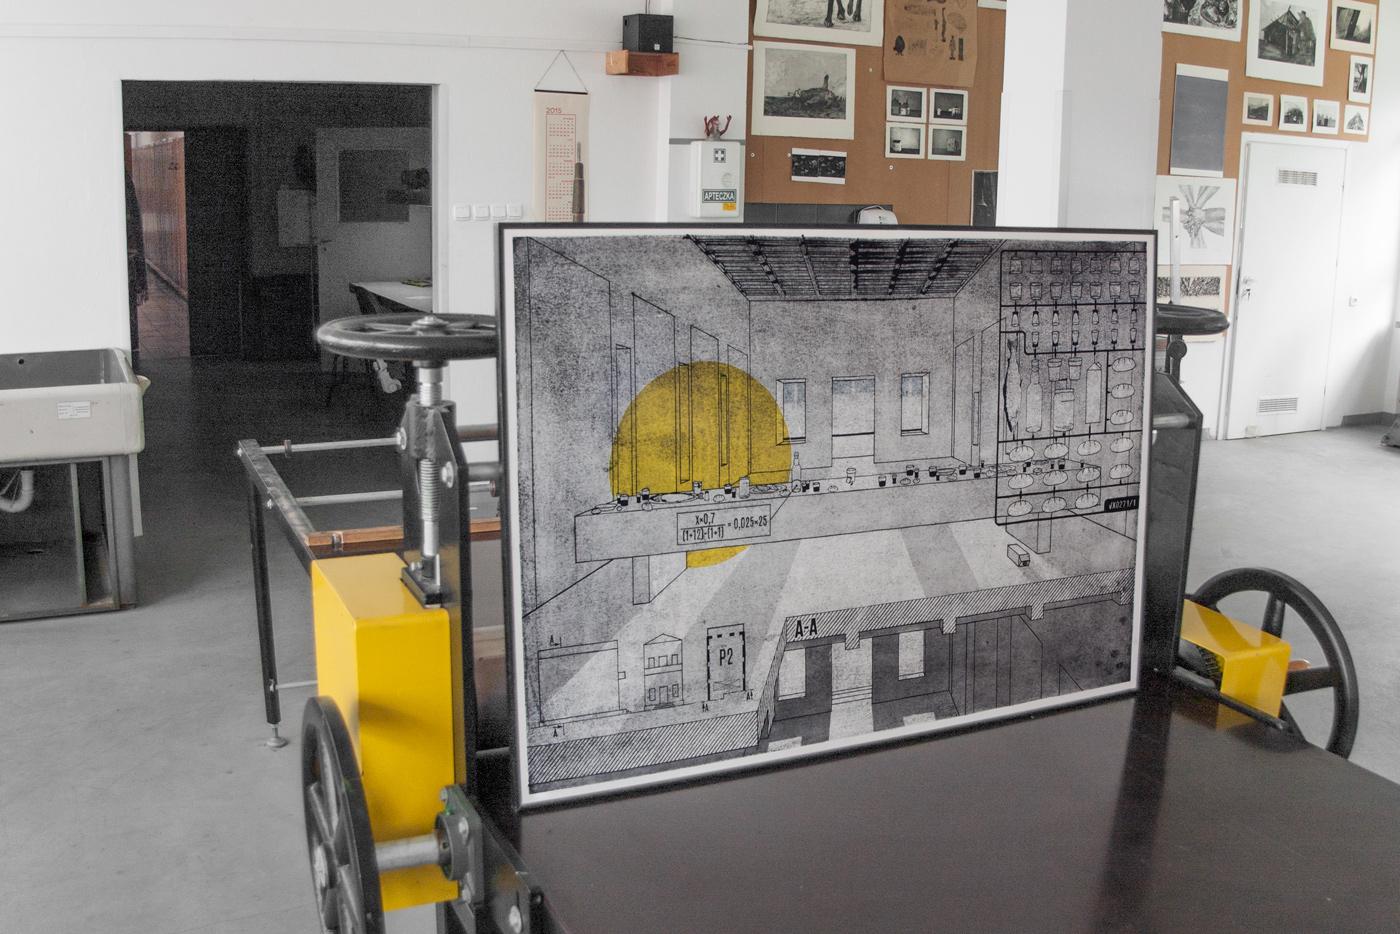 macha Machowski Ostatnia wieczerza Last Supper intaglio graphics workshop